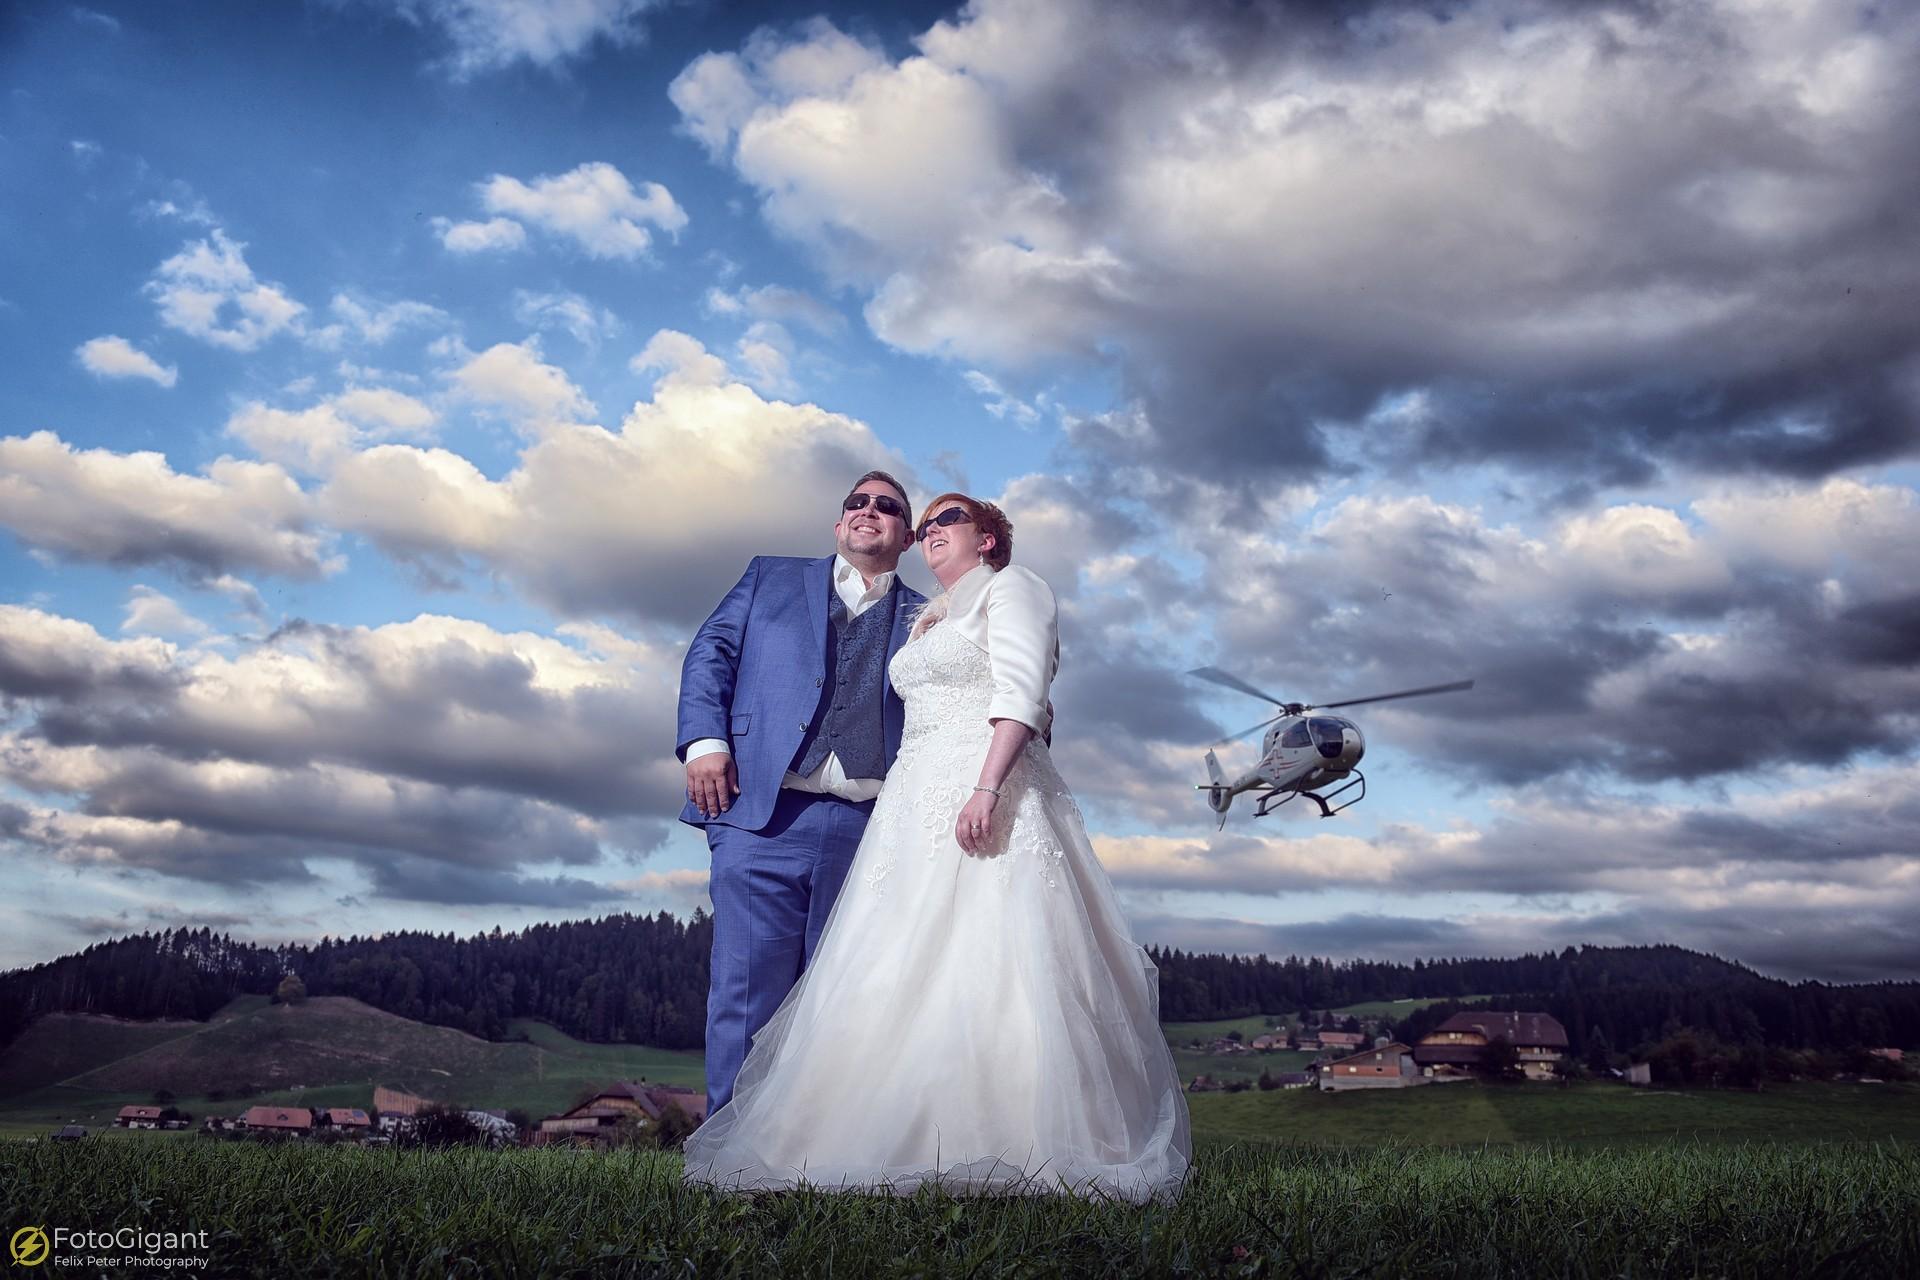 Hochzeitsfotograf_Bern_Felix-Peter_18.jpg